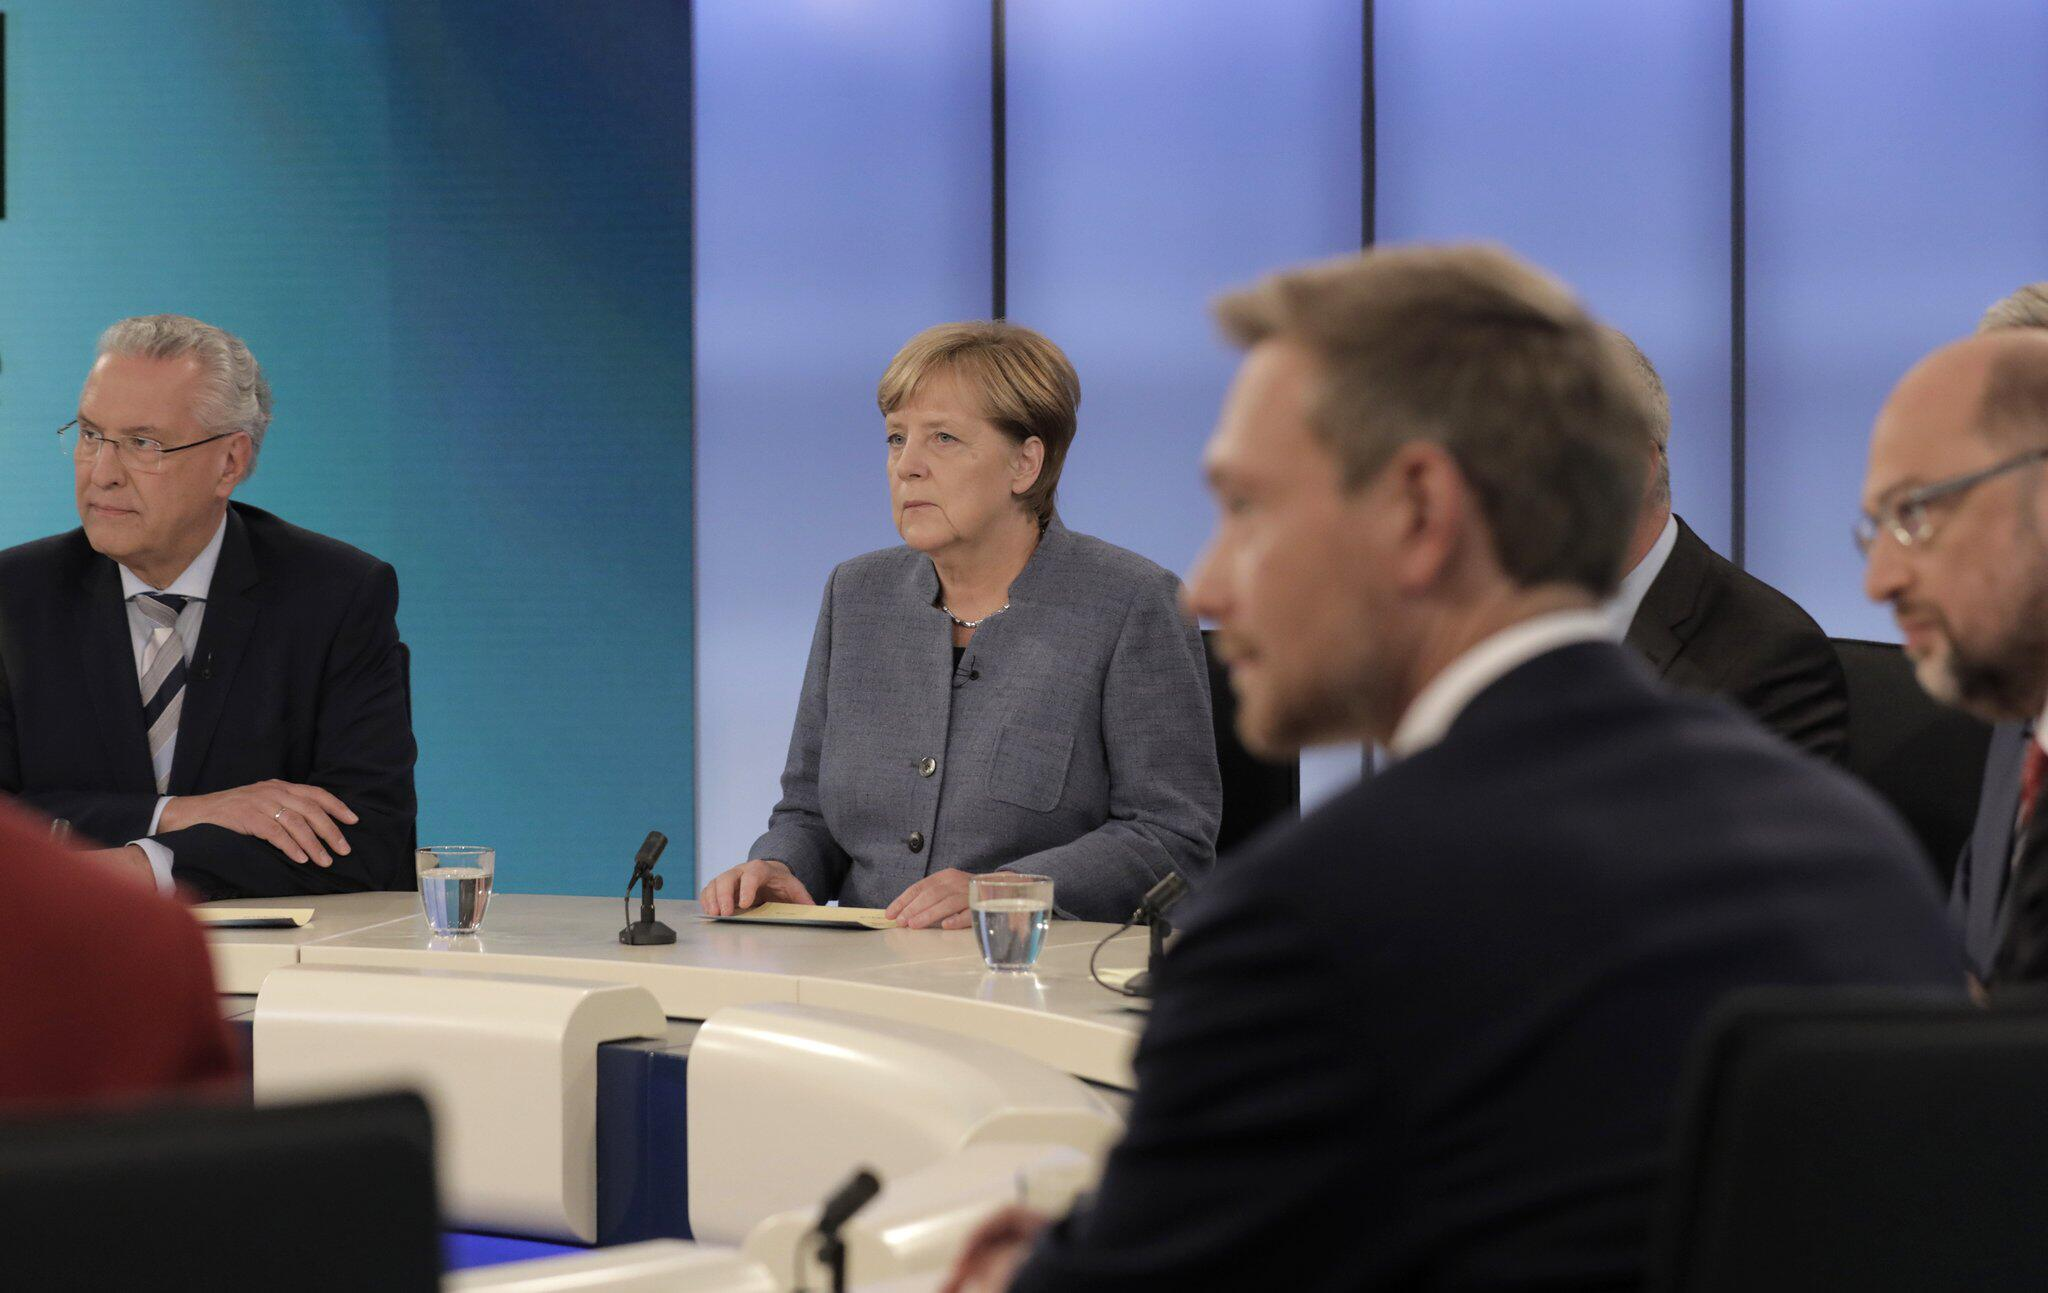 Bild zu Bundestagswahl 2017 Elefantenrunde Angela Merkel Martin Schulz